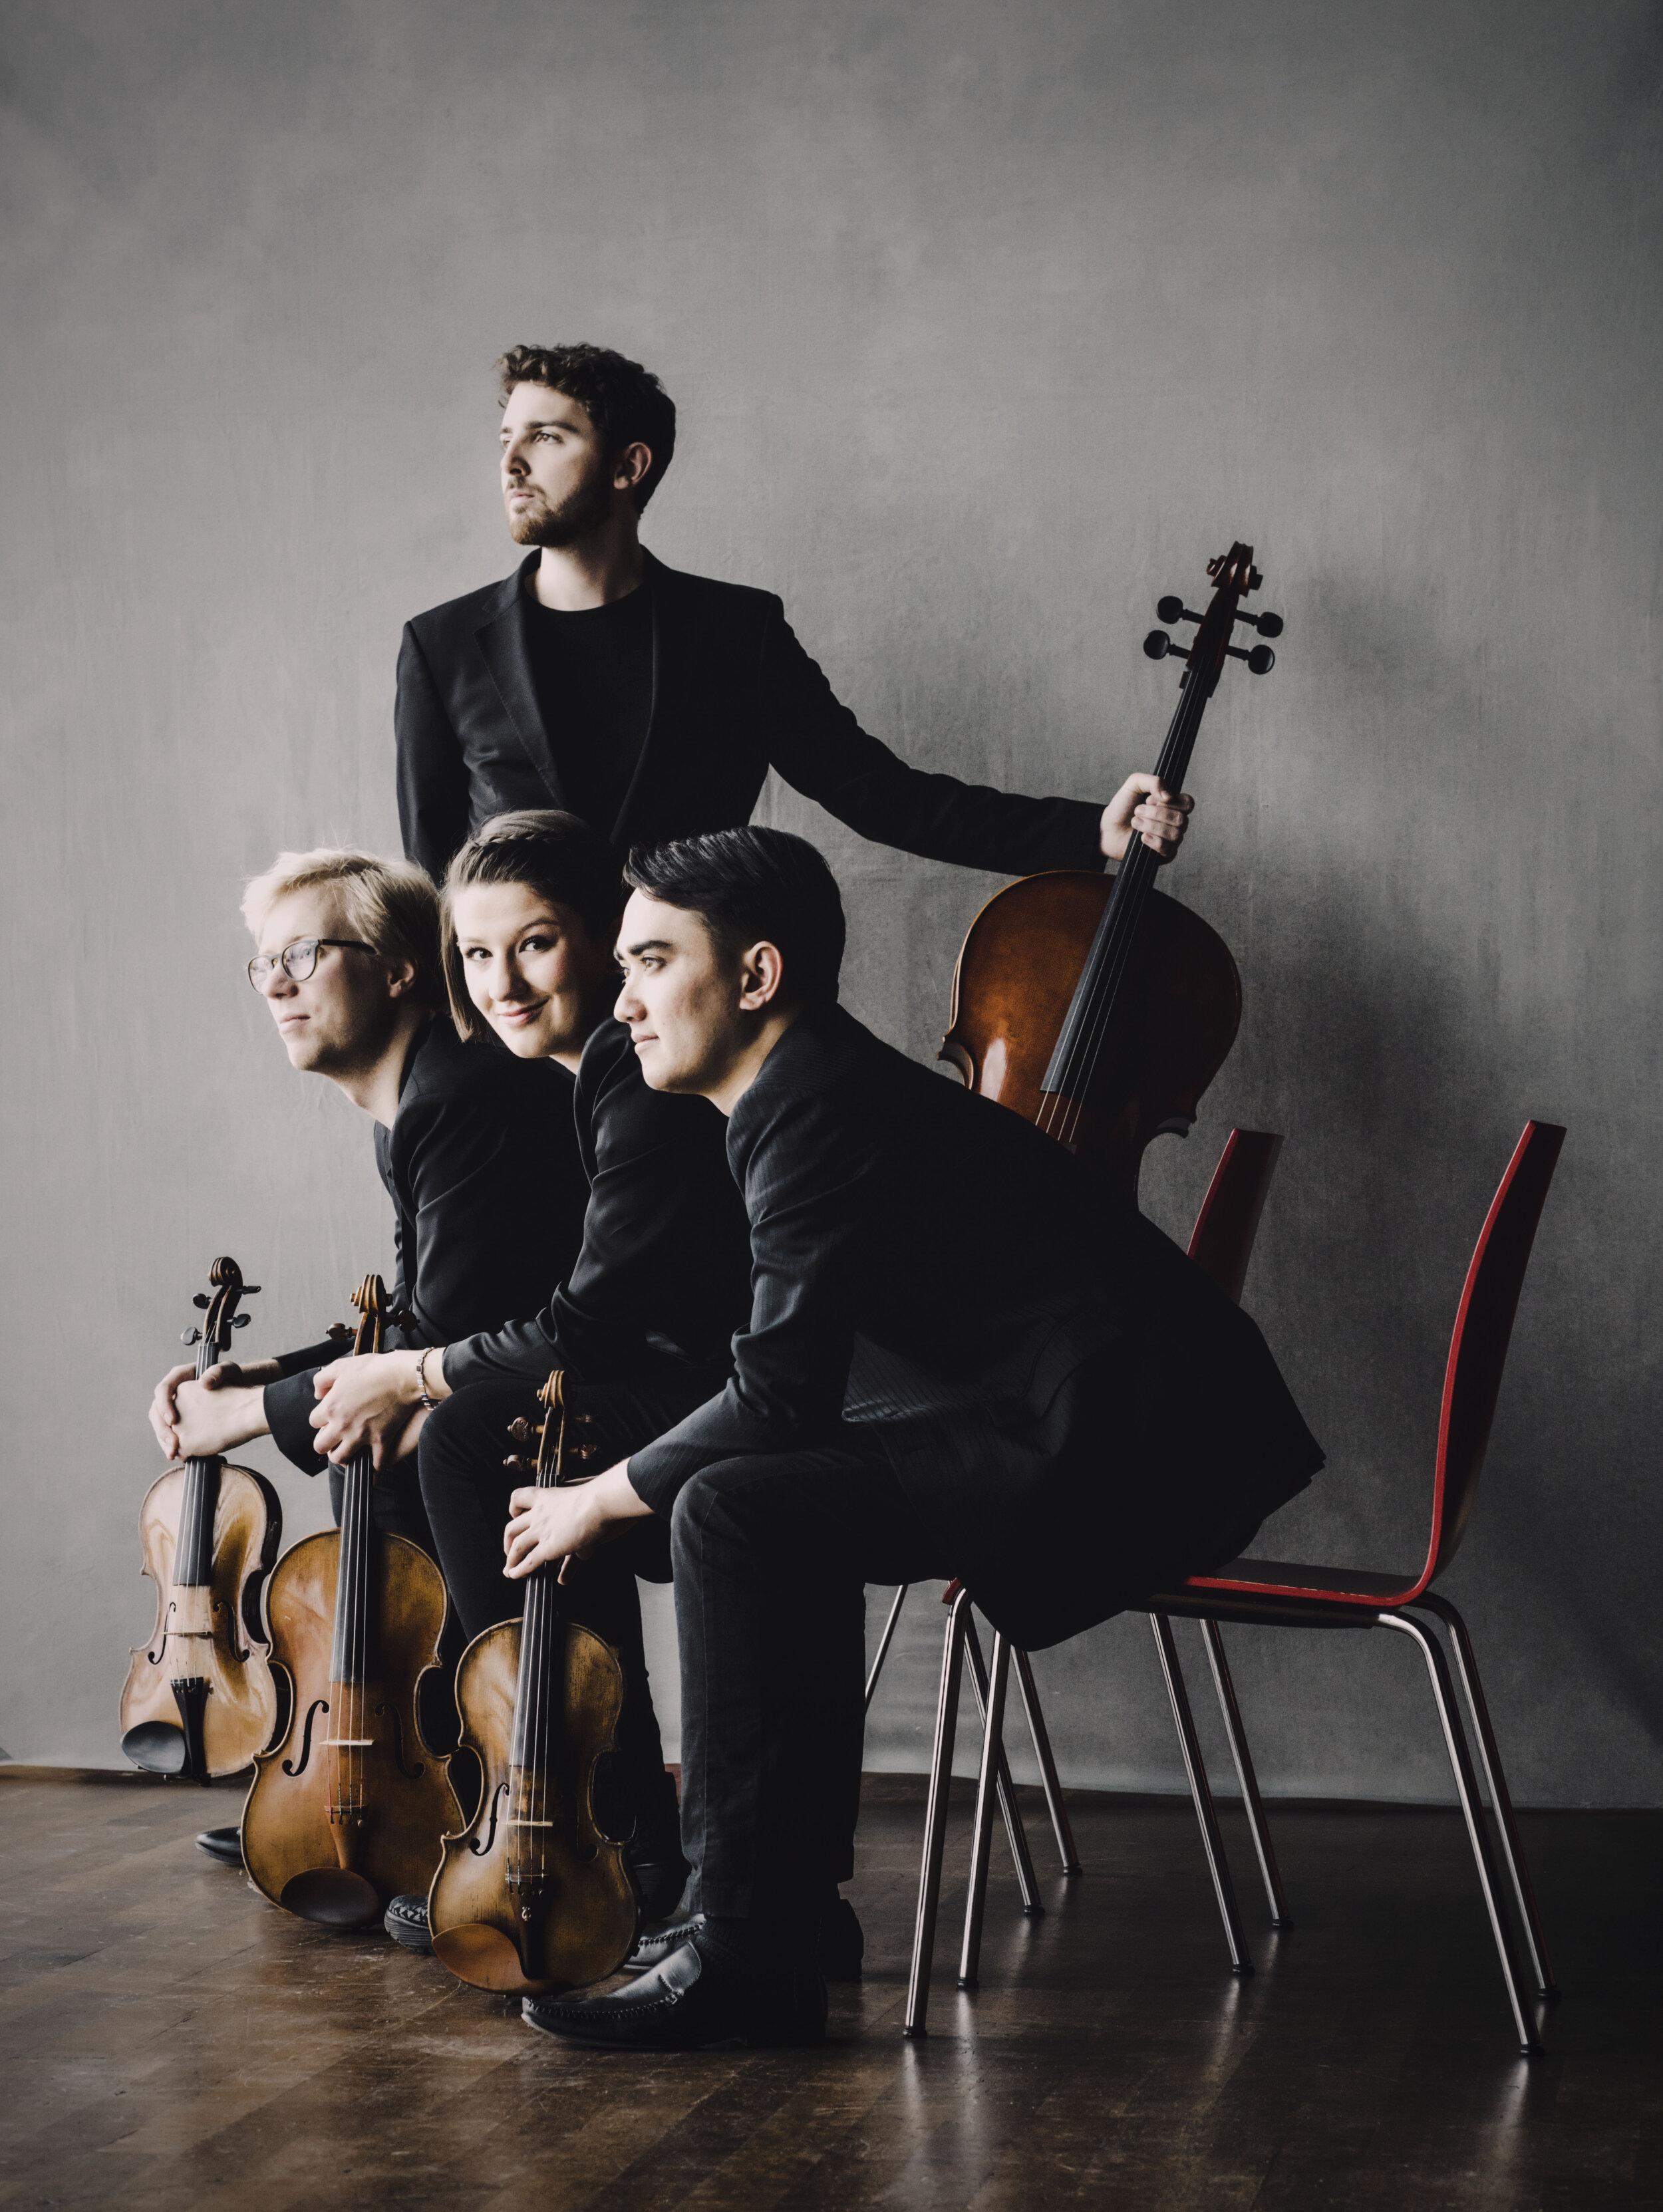 Marmen Quartet, Photo credit: MarcoBorggreve